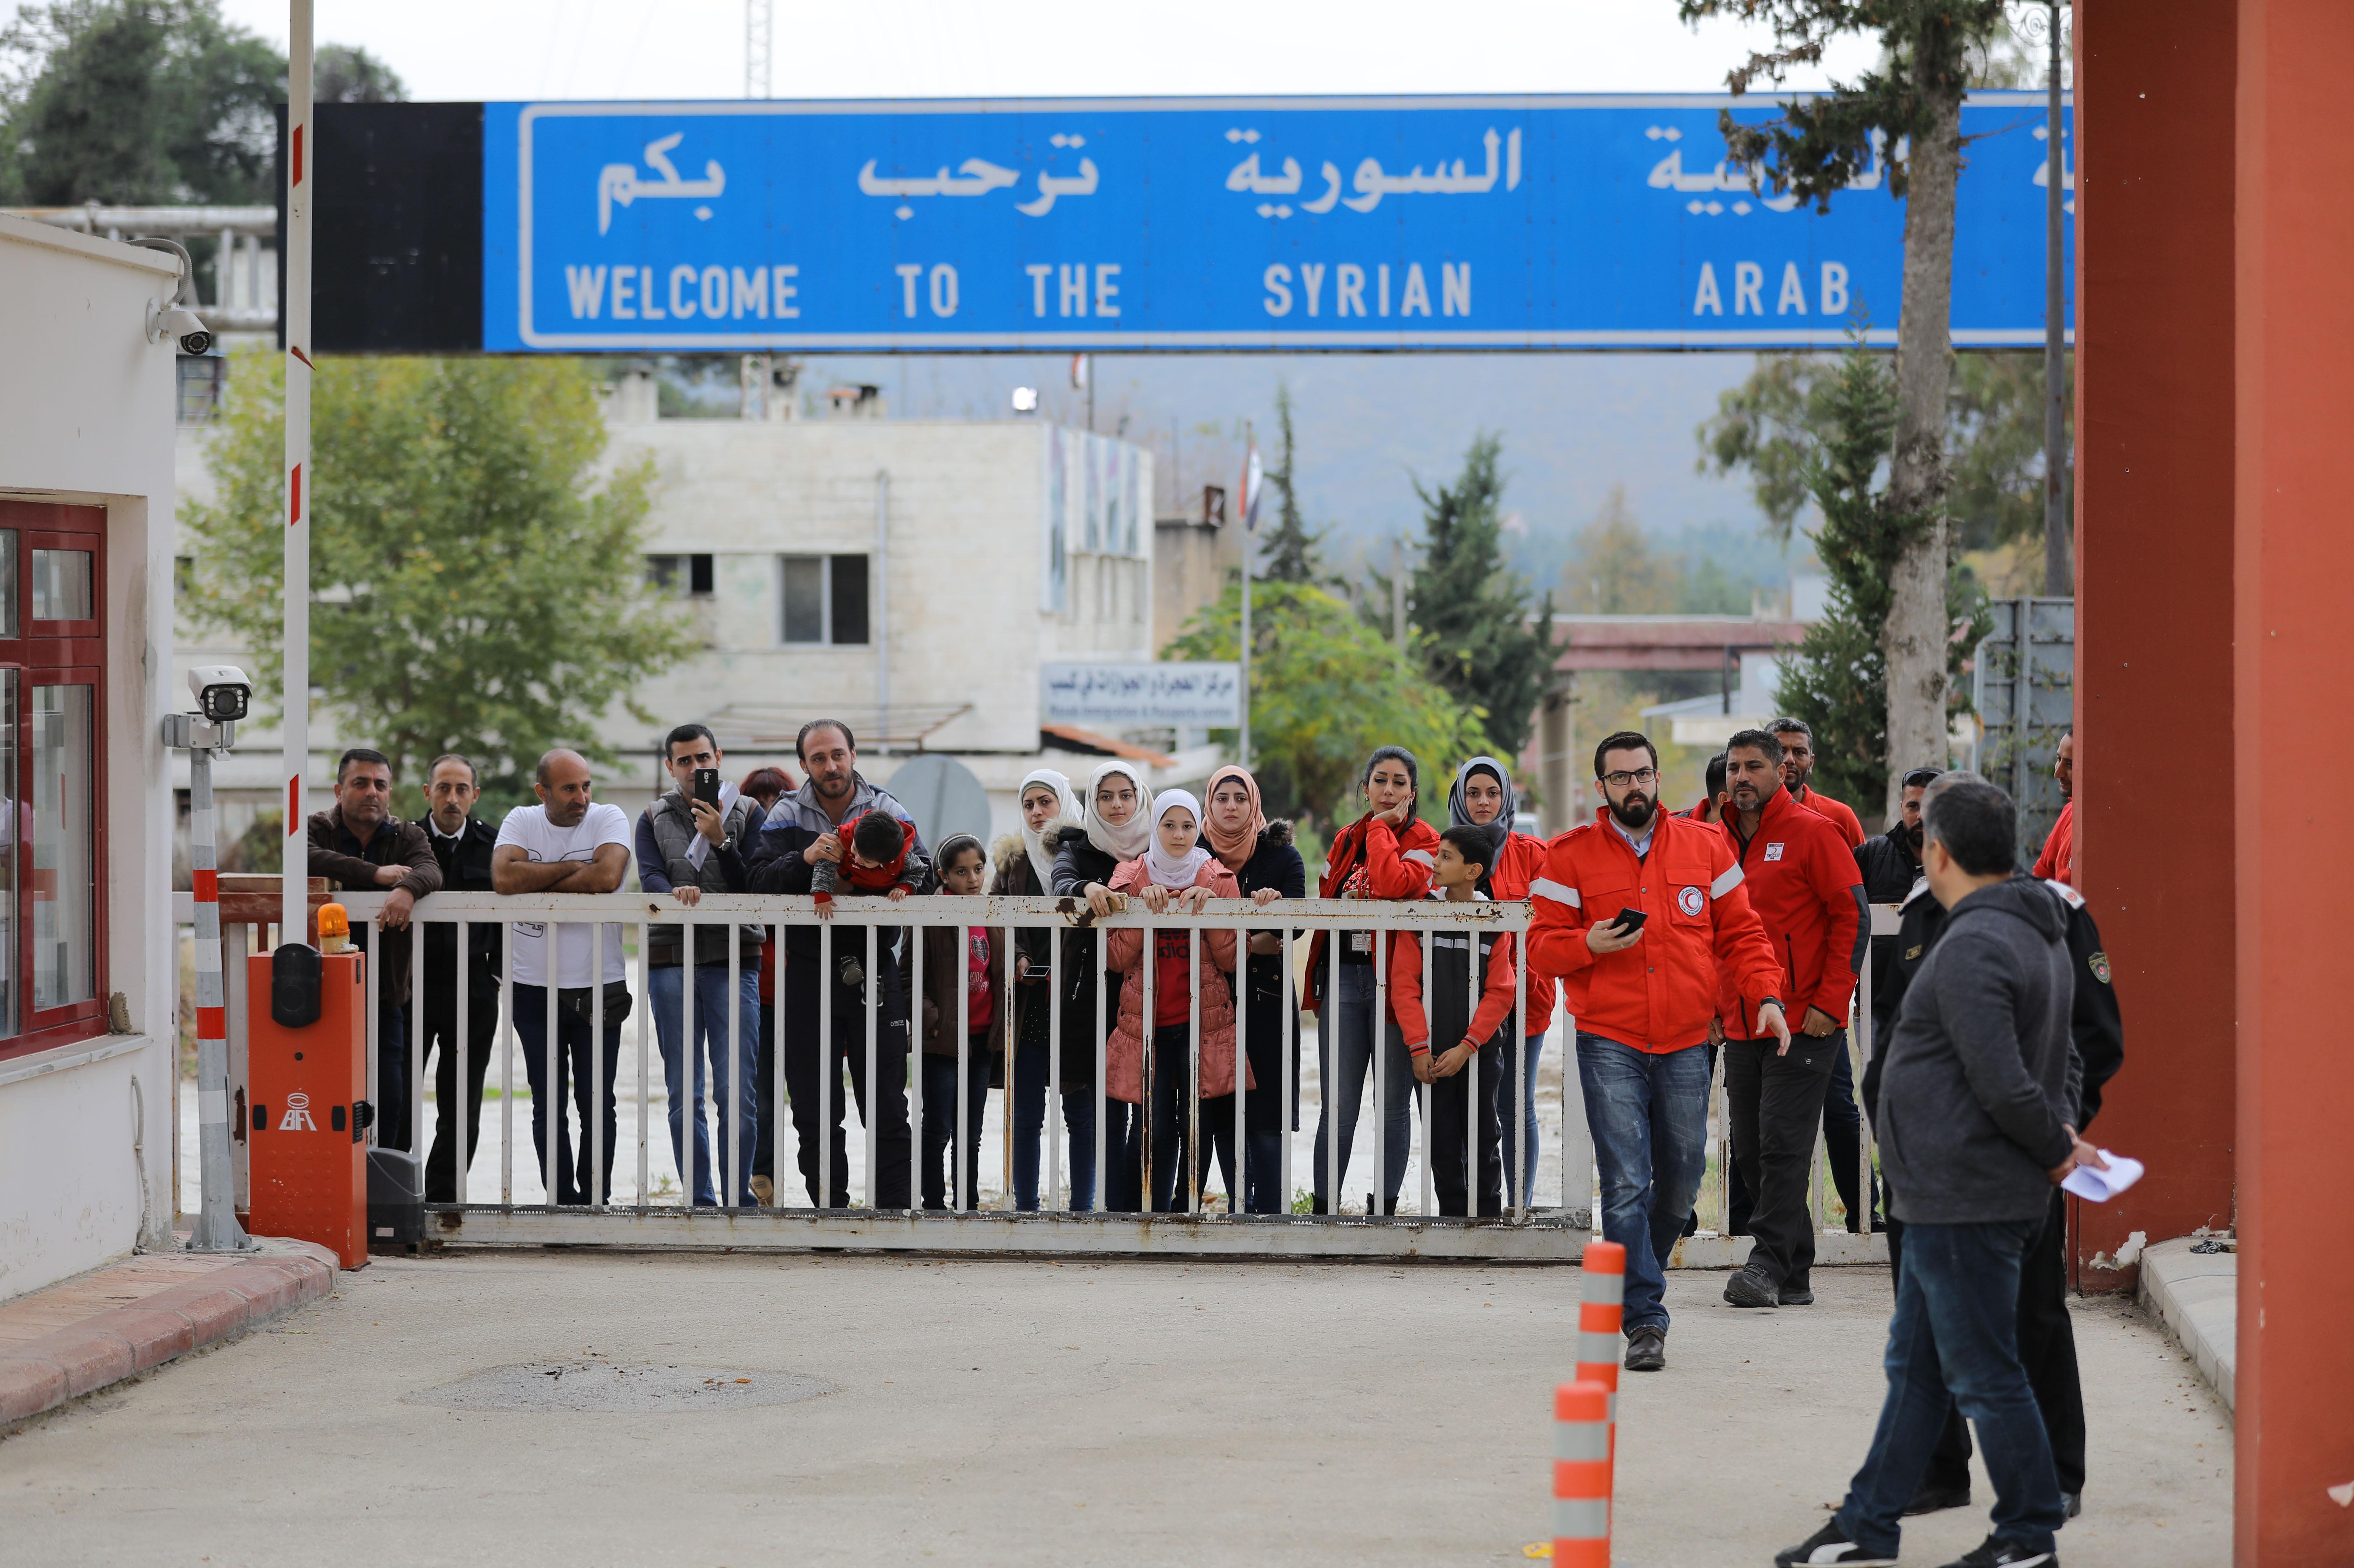 معبر كسب الدولي الحدودي بين سوريا وتركيا Илаф